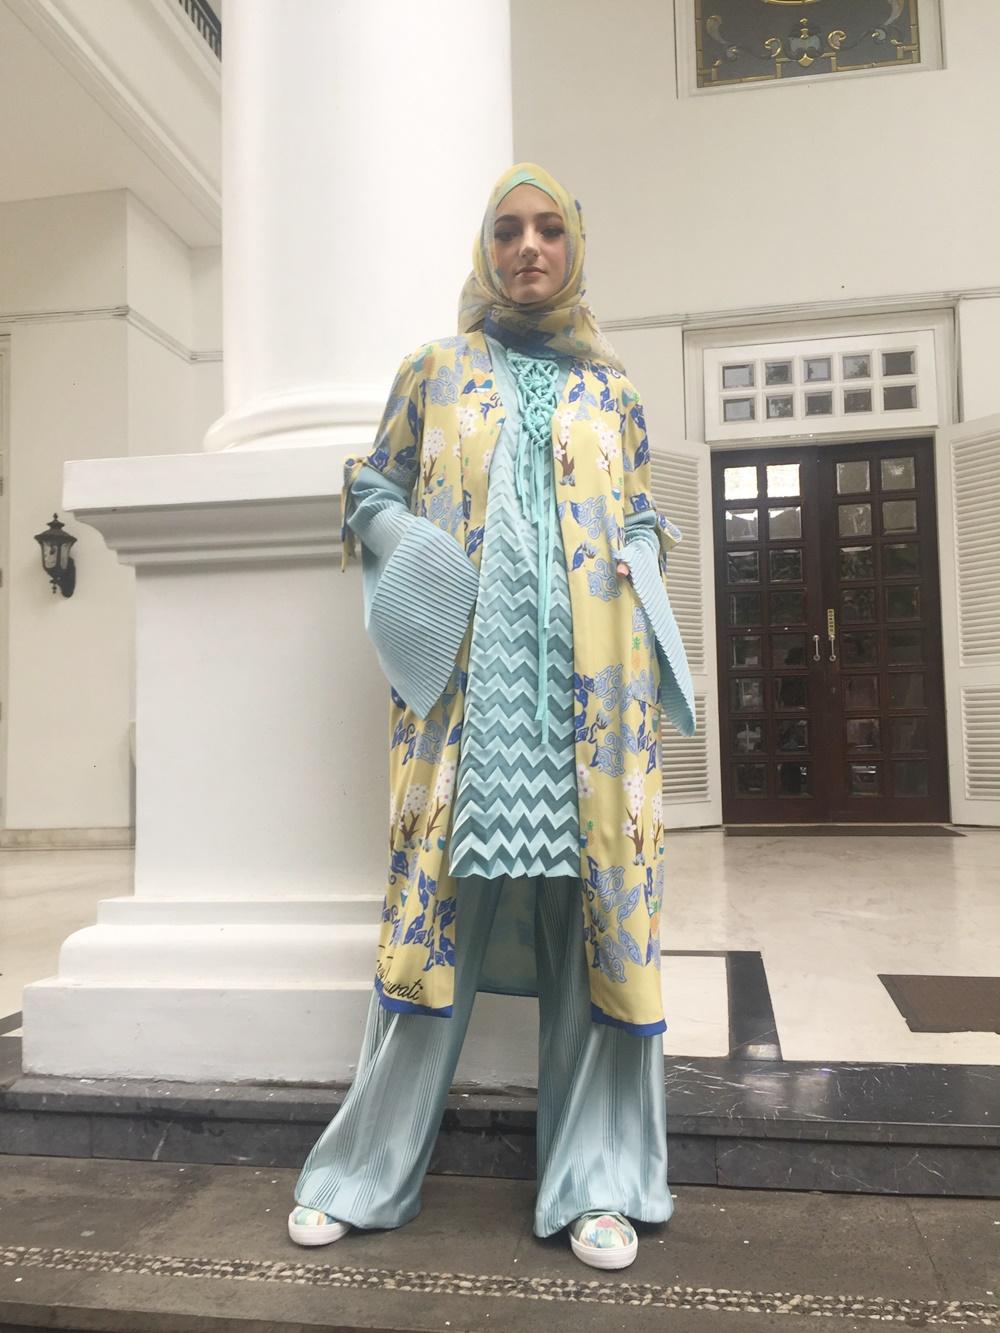 Salah satu koleksi Jeny Tjahyawati X Buccheri yang akan ditampilkan di Miami Modest Fashion Week. Foto: Mp/Raden Yusuf Nayamenggala